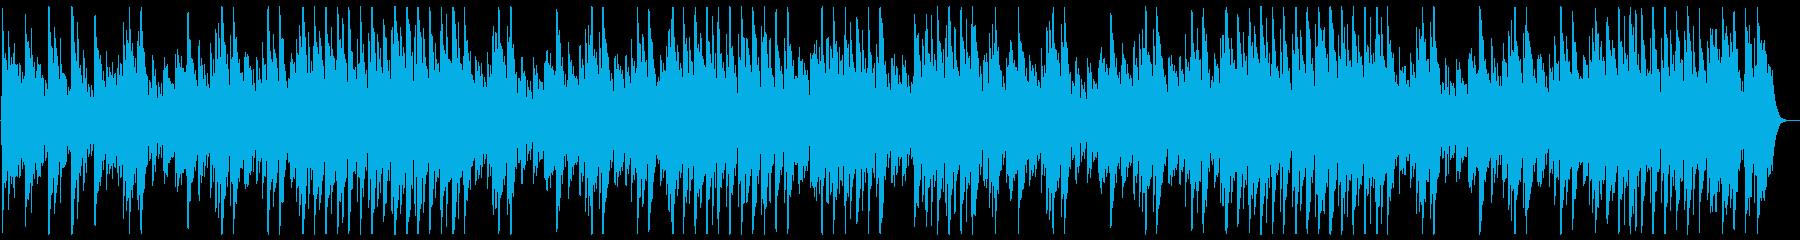 音階のあるゆっくり甘いオルゴールの曲の再生済みの波形